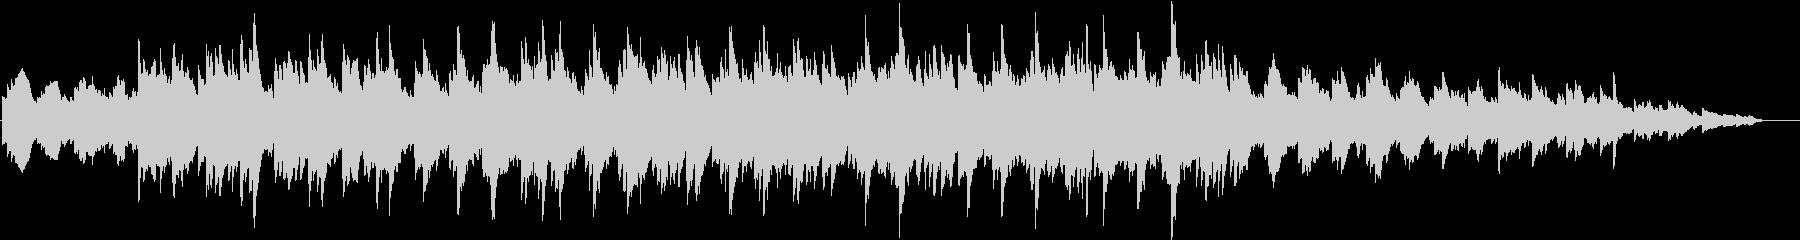 エレクトリックピアノの静かめなジングルの未再生の波形